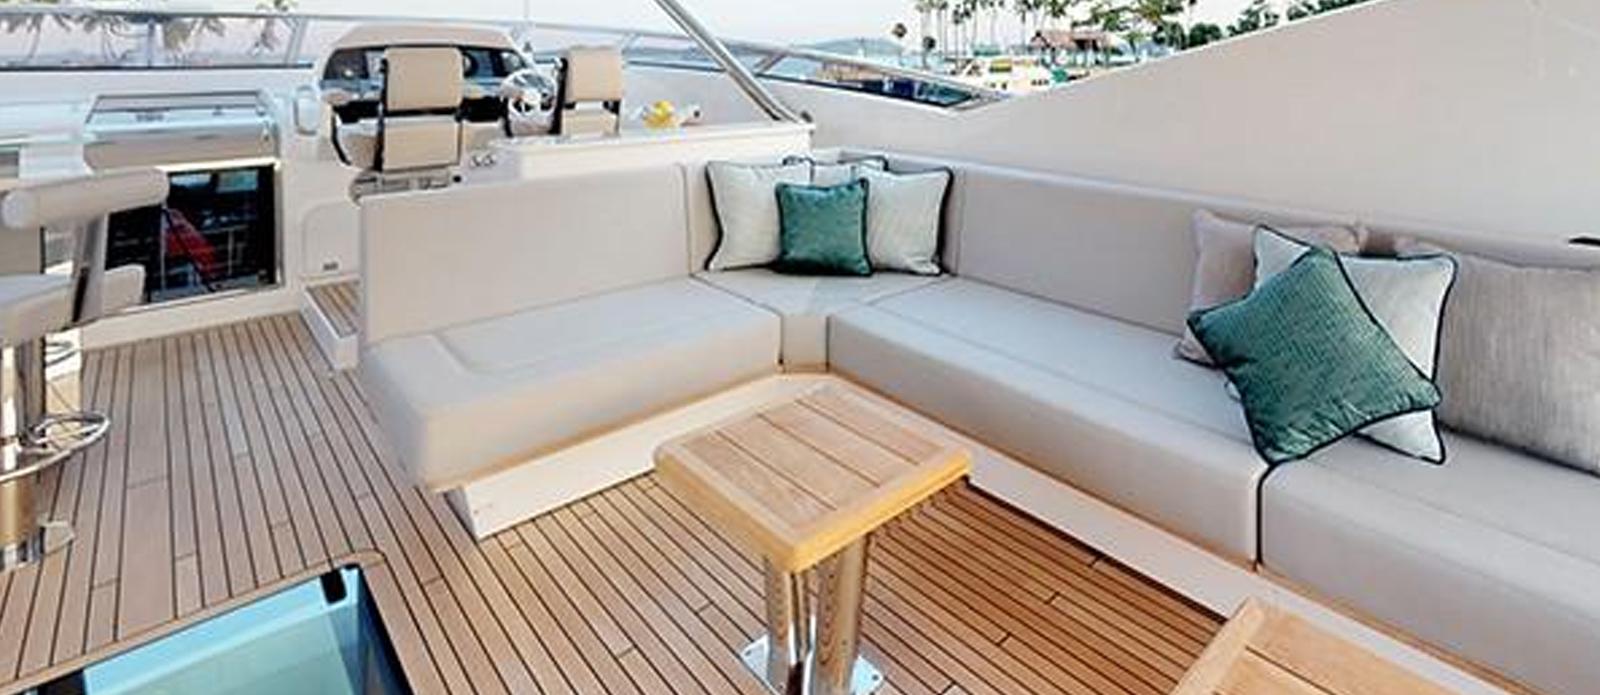 Sunseeker-116-Sport-Yacht-Priceless-28